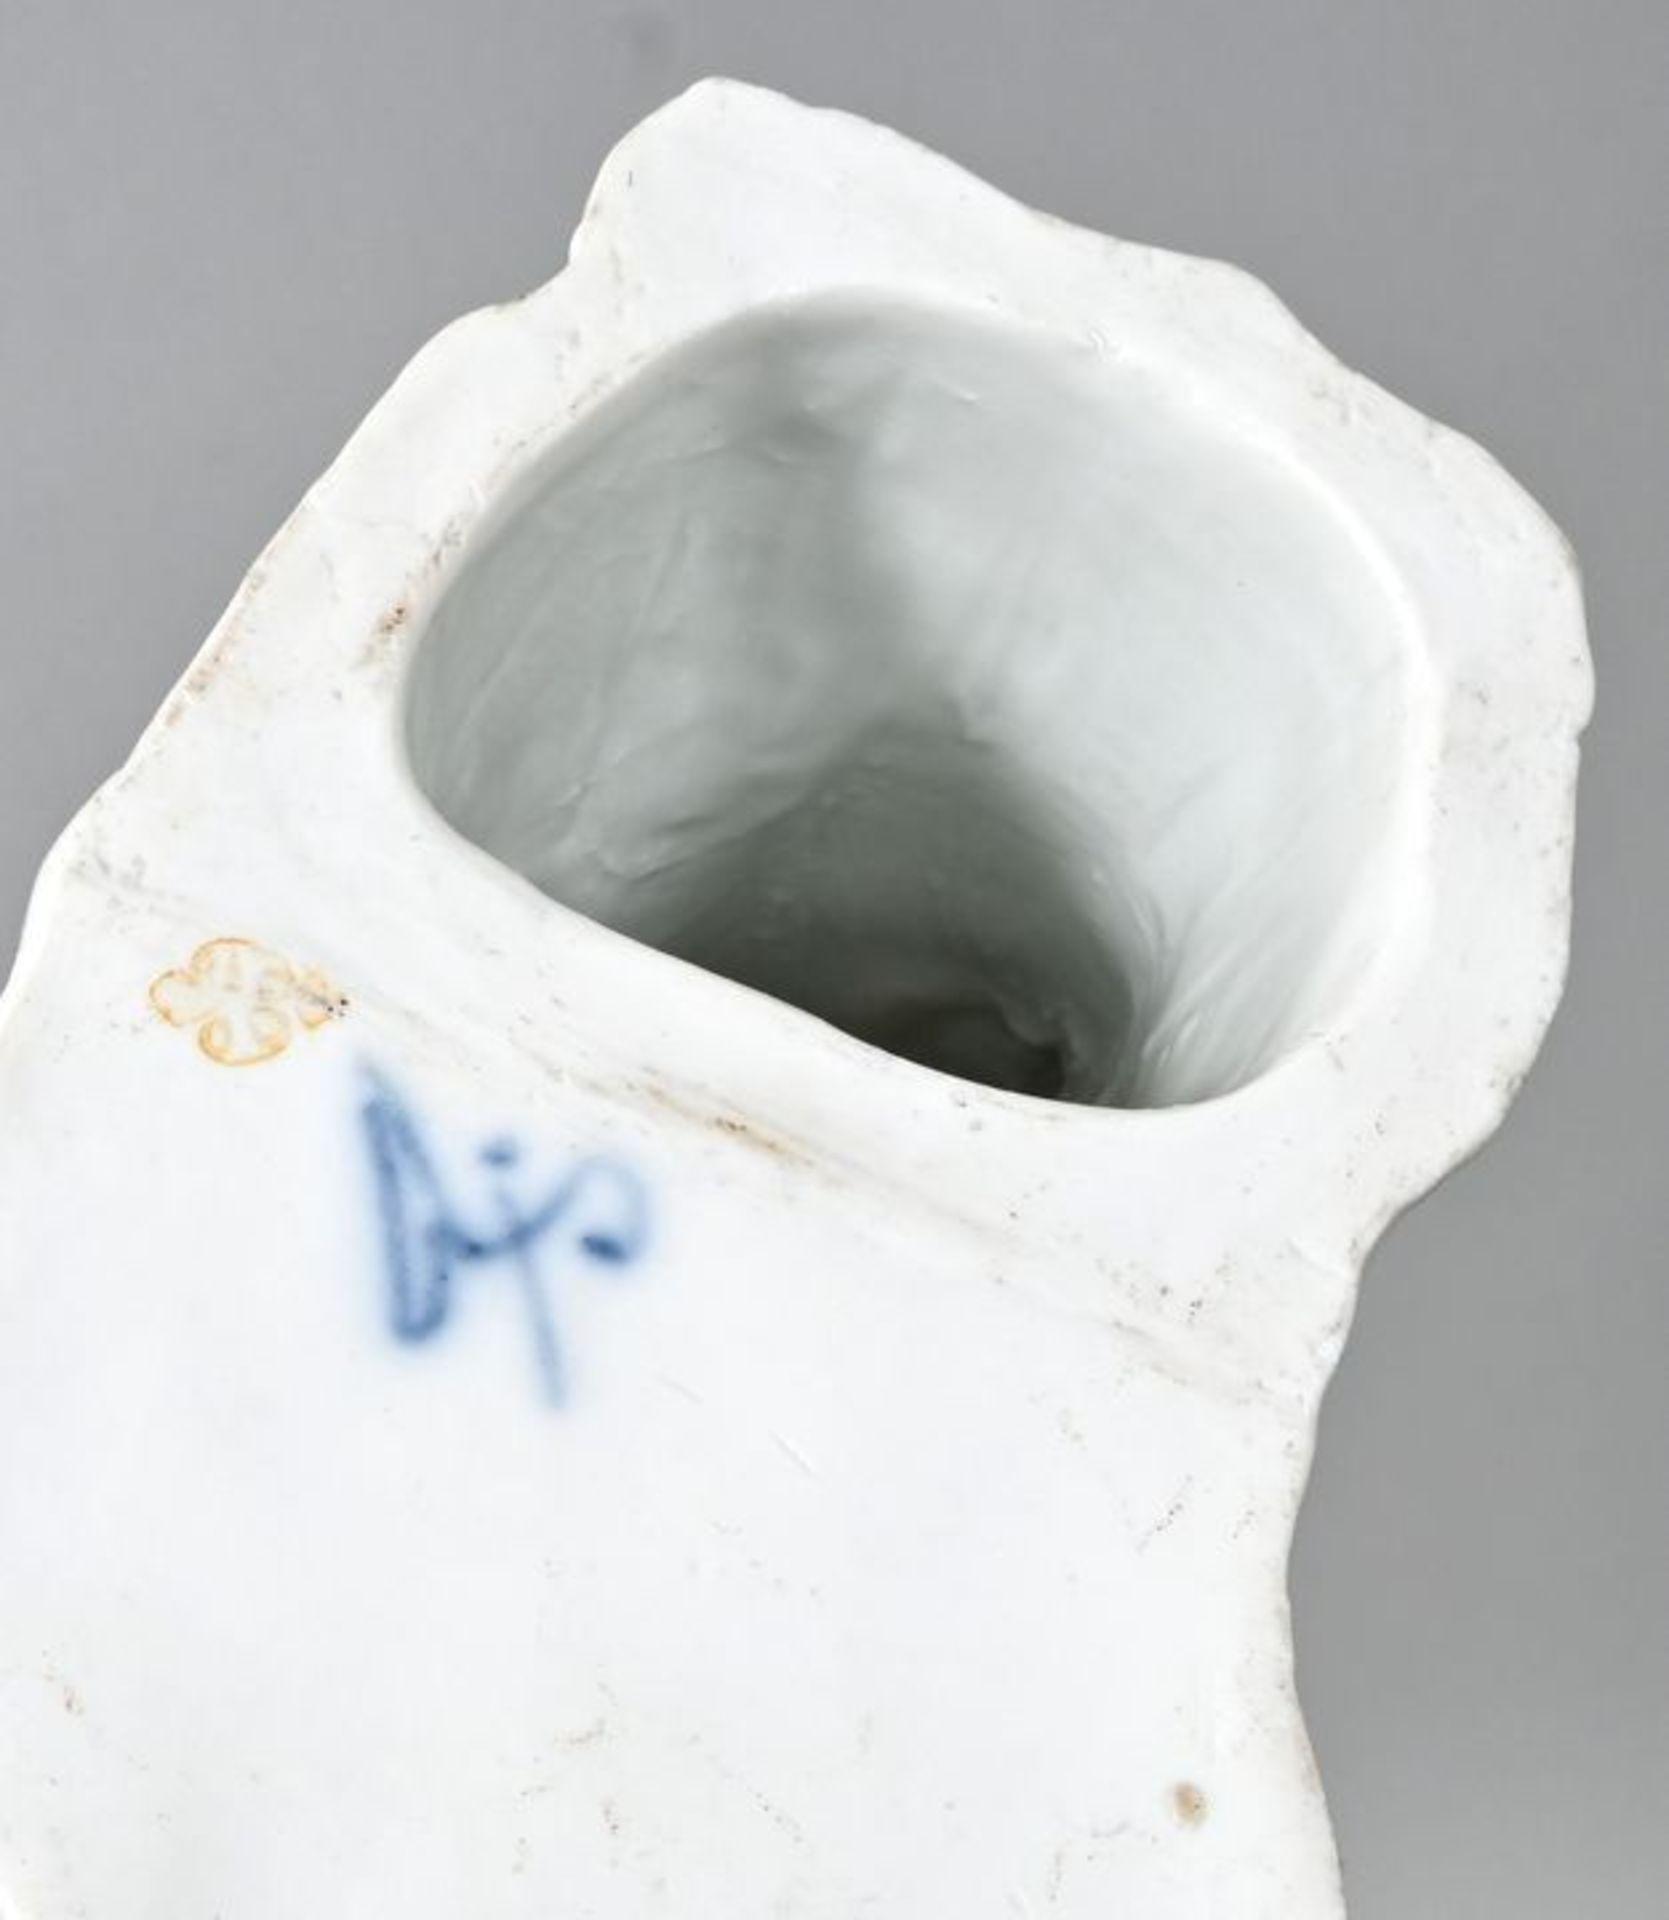 Porzellanfigur Einmannbohrer, Fürstenberg, 2. H. 18. Jh.Modell Simon Feilner, aus der Serie - Bild 3 aus 3